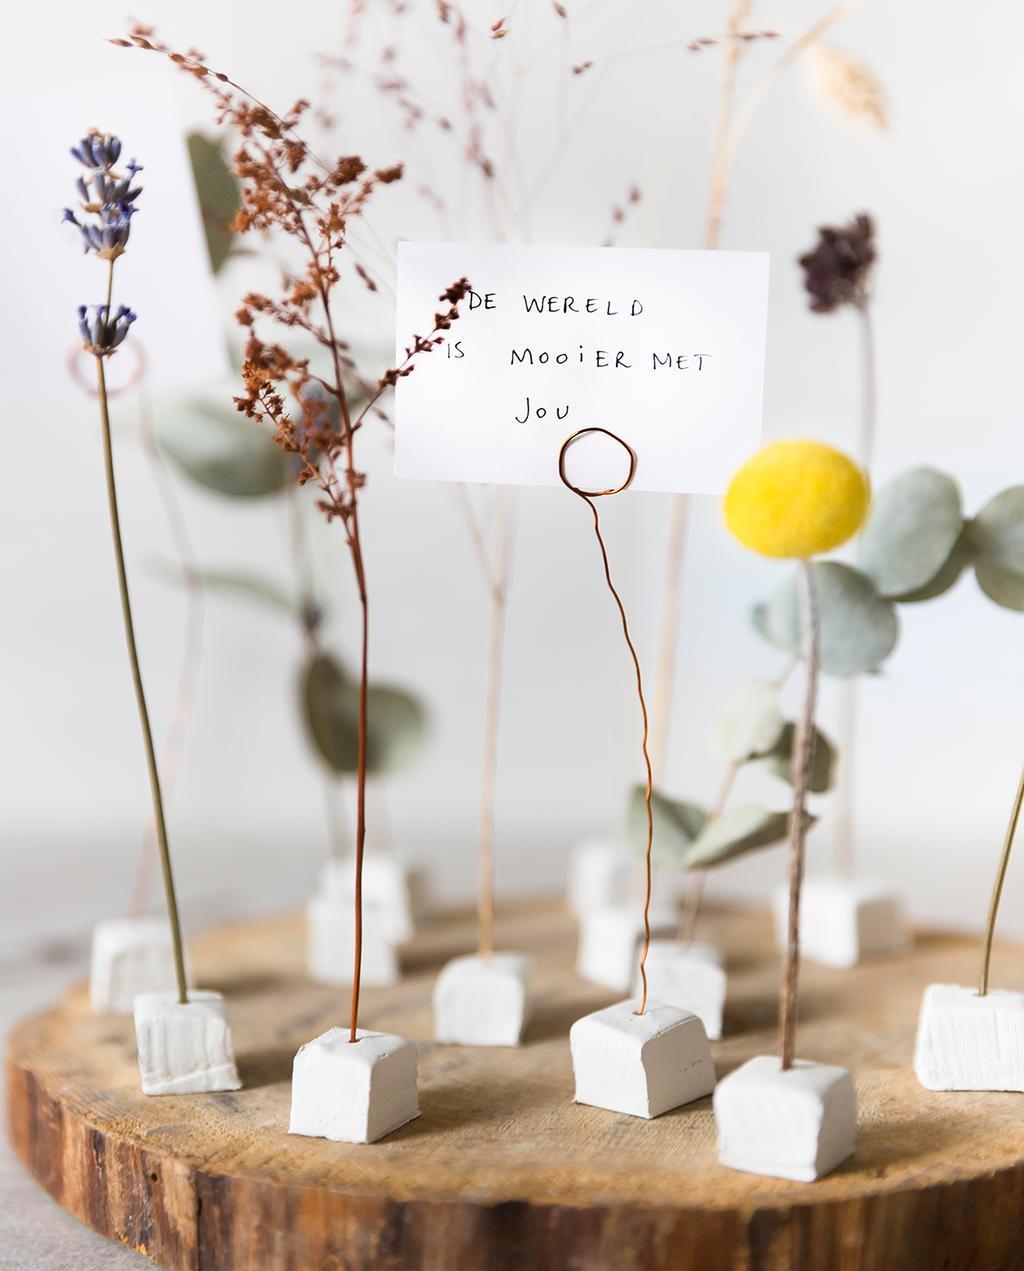 vtwonen 02-2021 | droogbloemen kaartje met tekst: 'de wereld is mooier met jou'